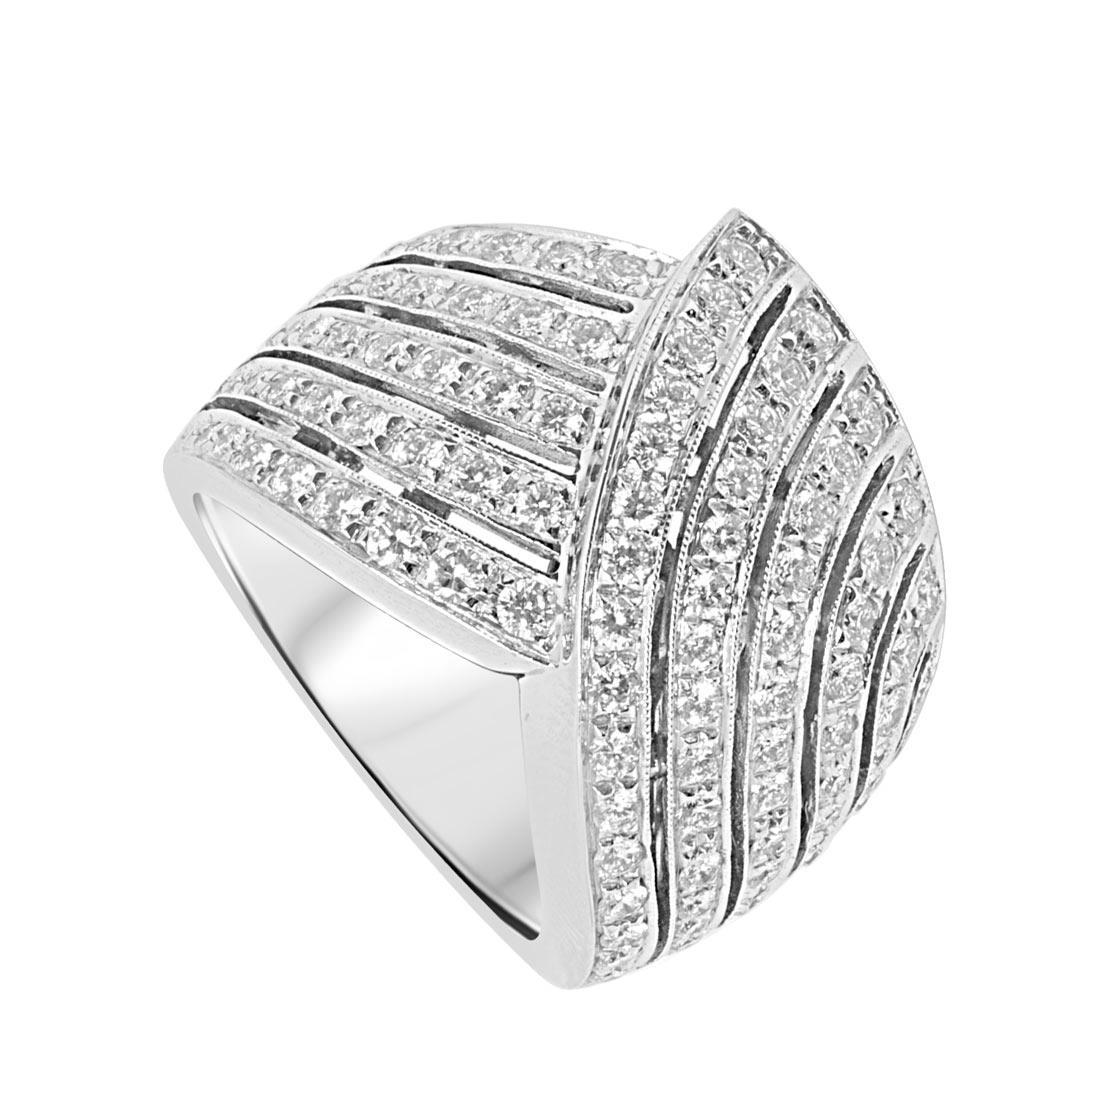 Anello Oro & Co in oro bianco e diamanti ct 1.47, misura 16 - ORO&CO